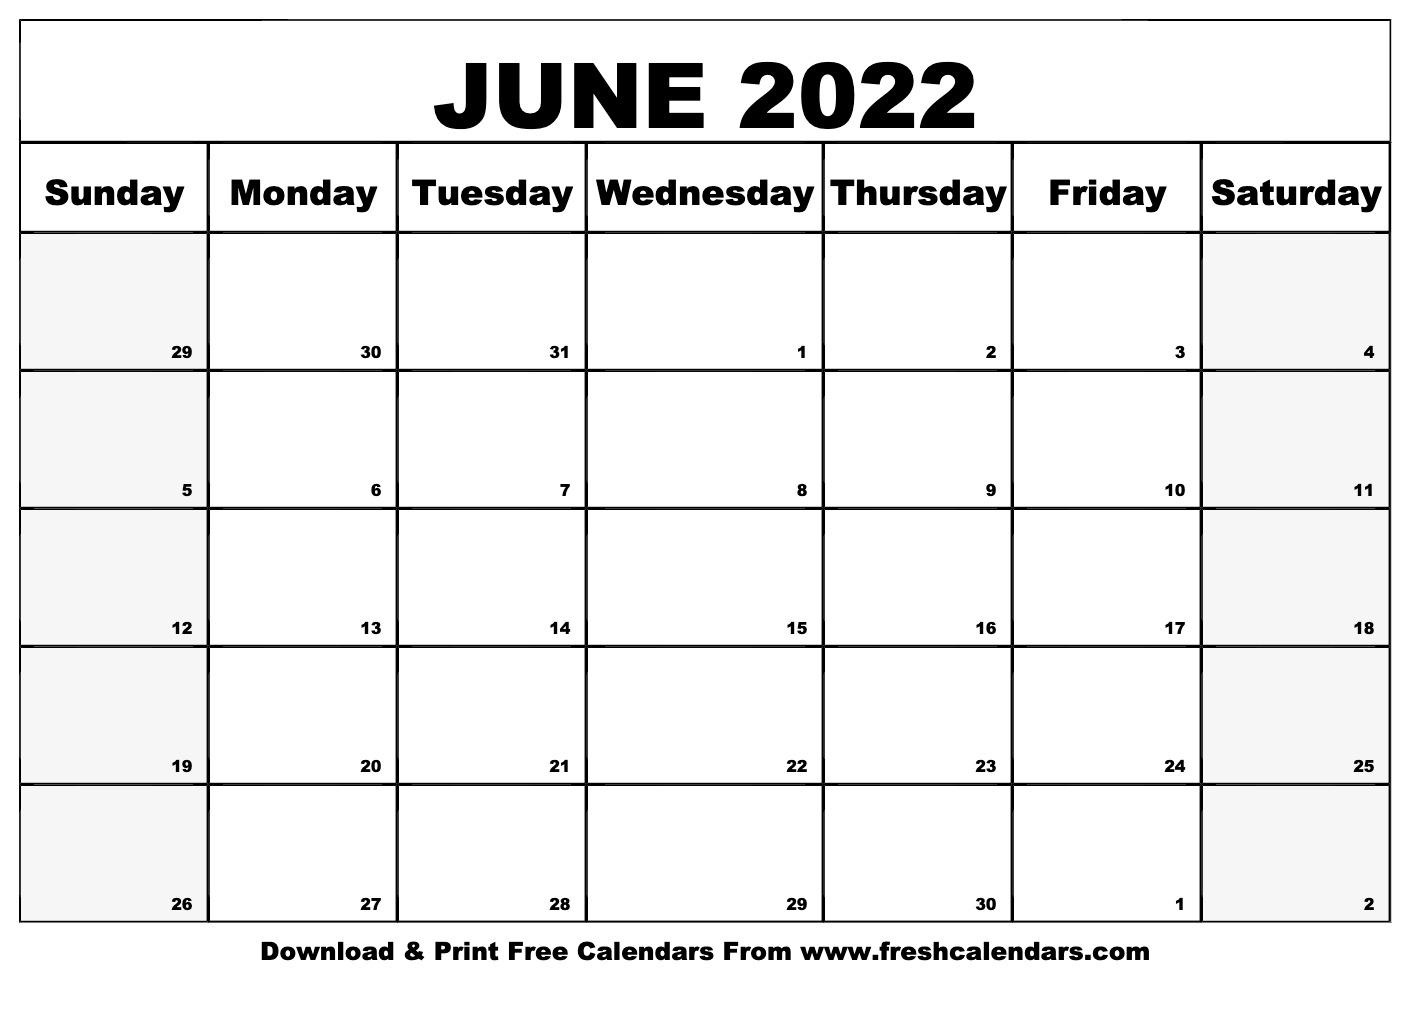 Blank Printable June 2022 Calendars